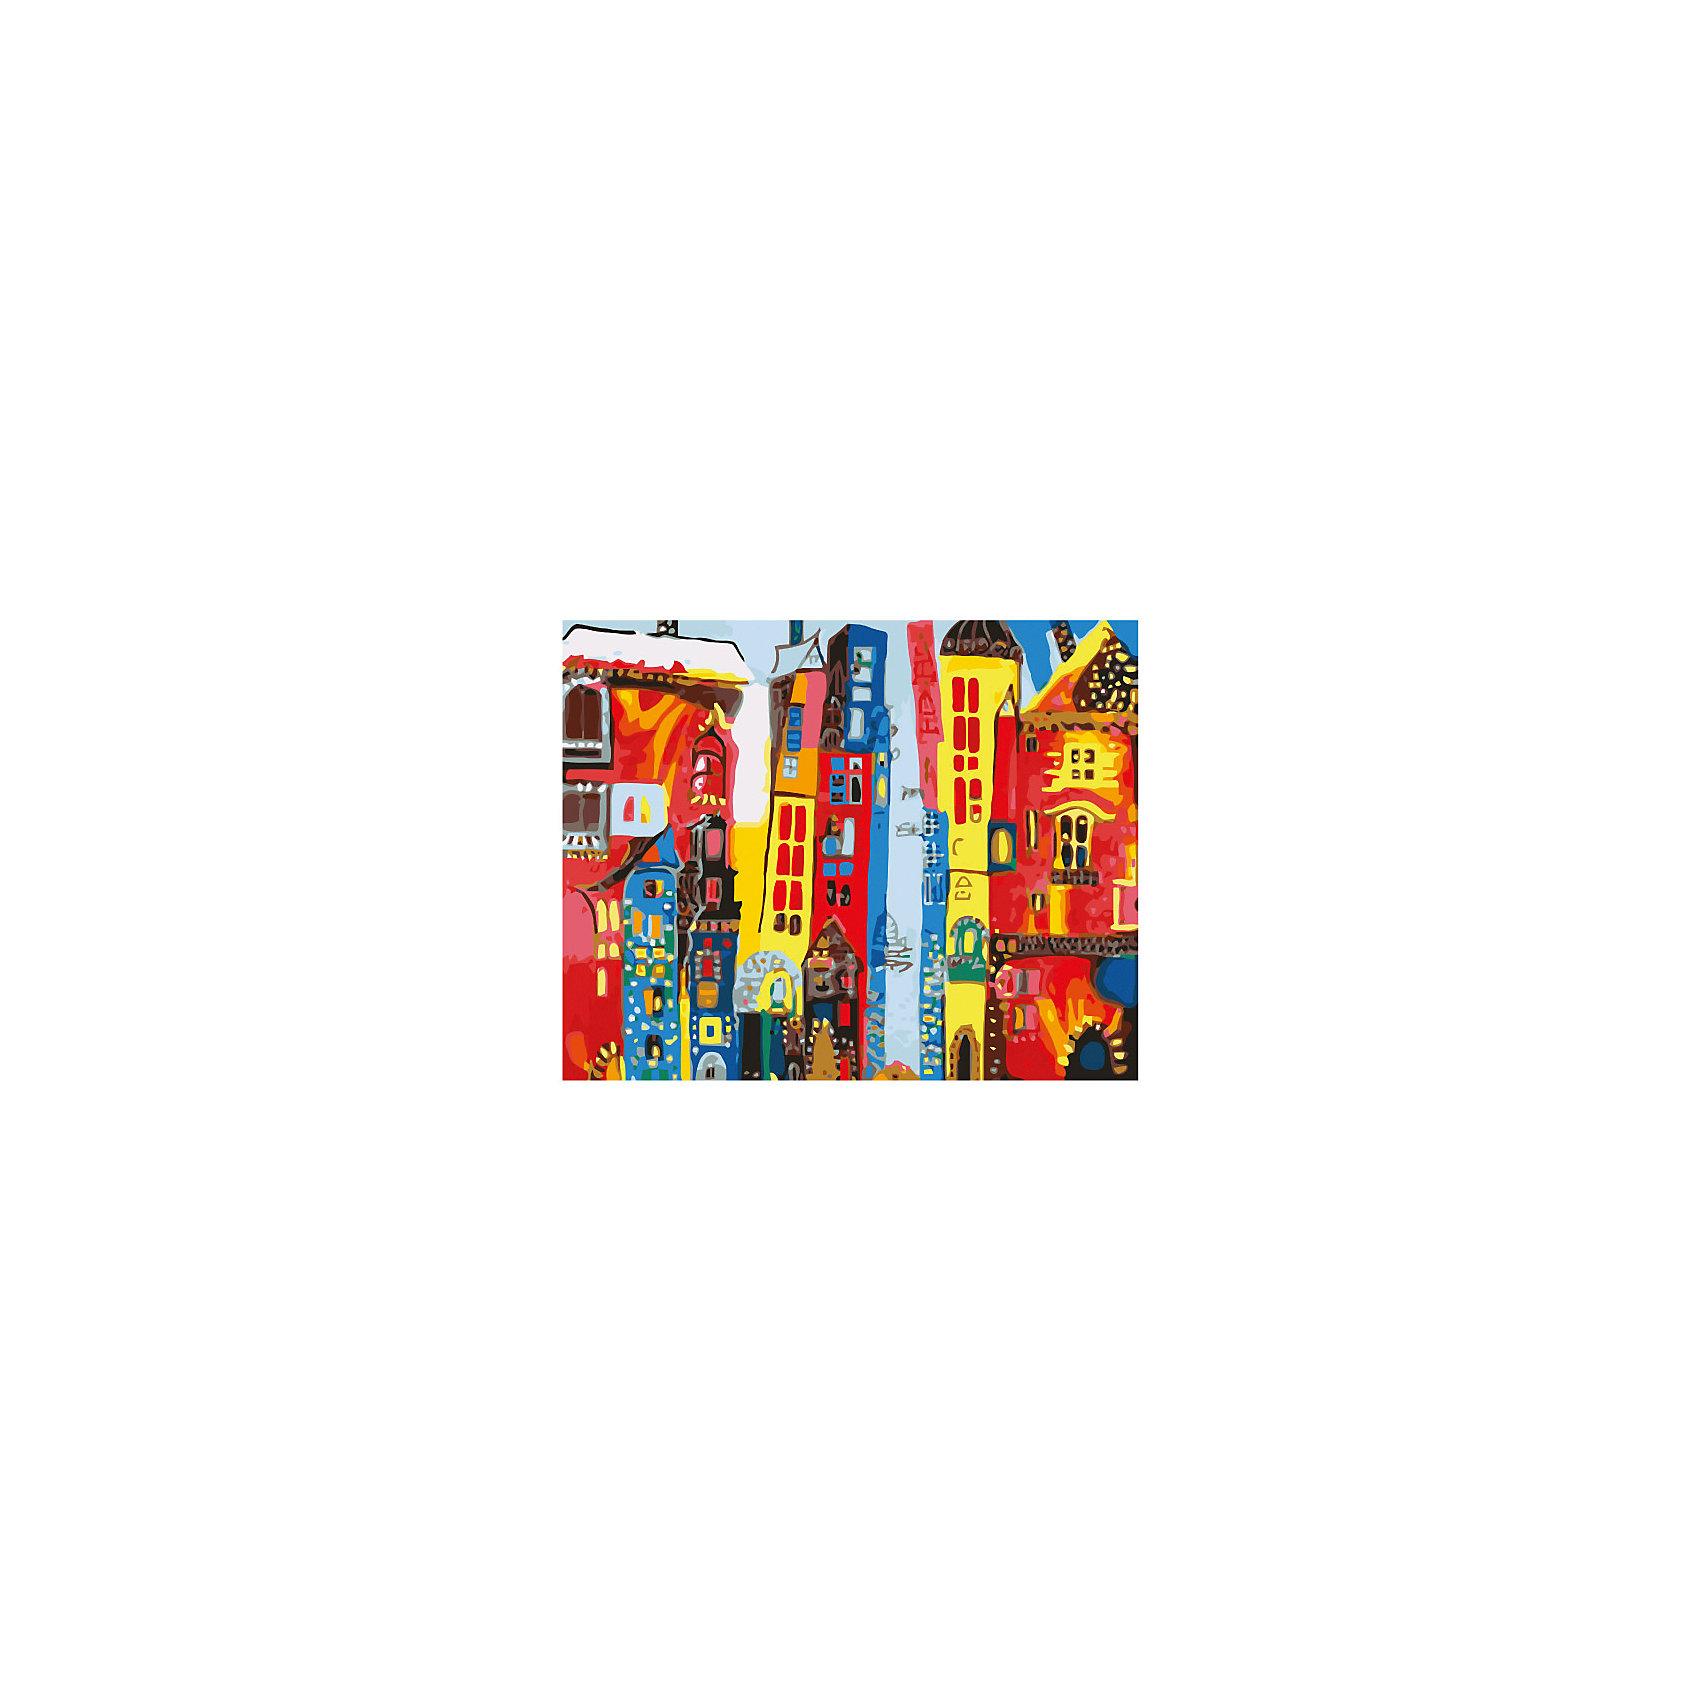 Роспись холста по номерам Город артРисование<br>С этим замечательным набором создать прекрасную картину сможет любой человек от 7 до 99 лет, даже если он никогда раньше не ощущал себя художником. Нужно раскрасить пронумерованные фрагменты рисунка пронумерованными красками, которые ровно ложатся на холст и хорошо закрашивают контуры. А если вдруг появится ошибка, то исправить ее поможет контрольная схема рисунка. Раскрашивание холста увлекательно и для детей, и для взрослых. А получившаяся картина станет эффектным украшением интерьера. или же прекрасным подарком, сделанным своими руками. <br><br>Дополнительная информация:<br><br>- Комплектация: холст  с контурным рисунком, натянутый на деревянную рамку, акриловые краски (24 цвета), 3 кисточки, крепежные петли для подвешивания холста, контрольная схема рисунка. <br>- Размер холста: 40х50 см.<br>- Материал: акриловые краски, дерево, пластик, бумага. <br><br>Роспись холста по номерам Город арт можно купить в нашем магазине.<br><br>Ширина мм: 500<br>Глубина мм: 400<br>Высота мм: 15<br>Вес г: 479<br>Возраст от месяцев: 84<br>Возраст до месяцев: 2147483647<br>Пол: Унисекс<br>Возраст: Детский<br>SKU: 4768553